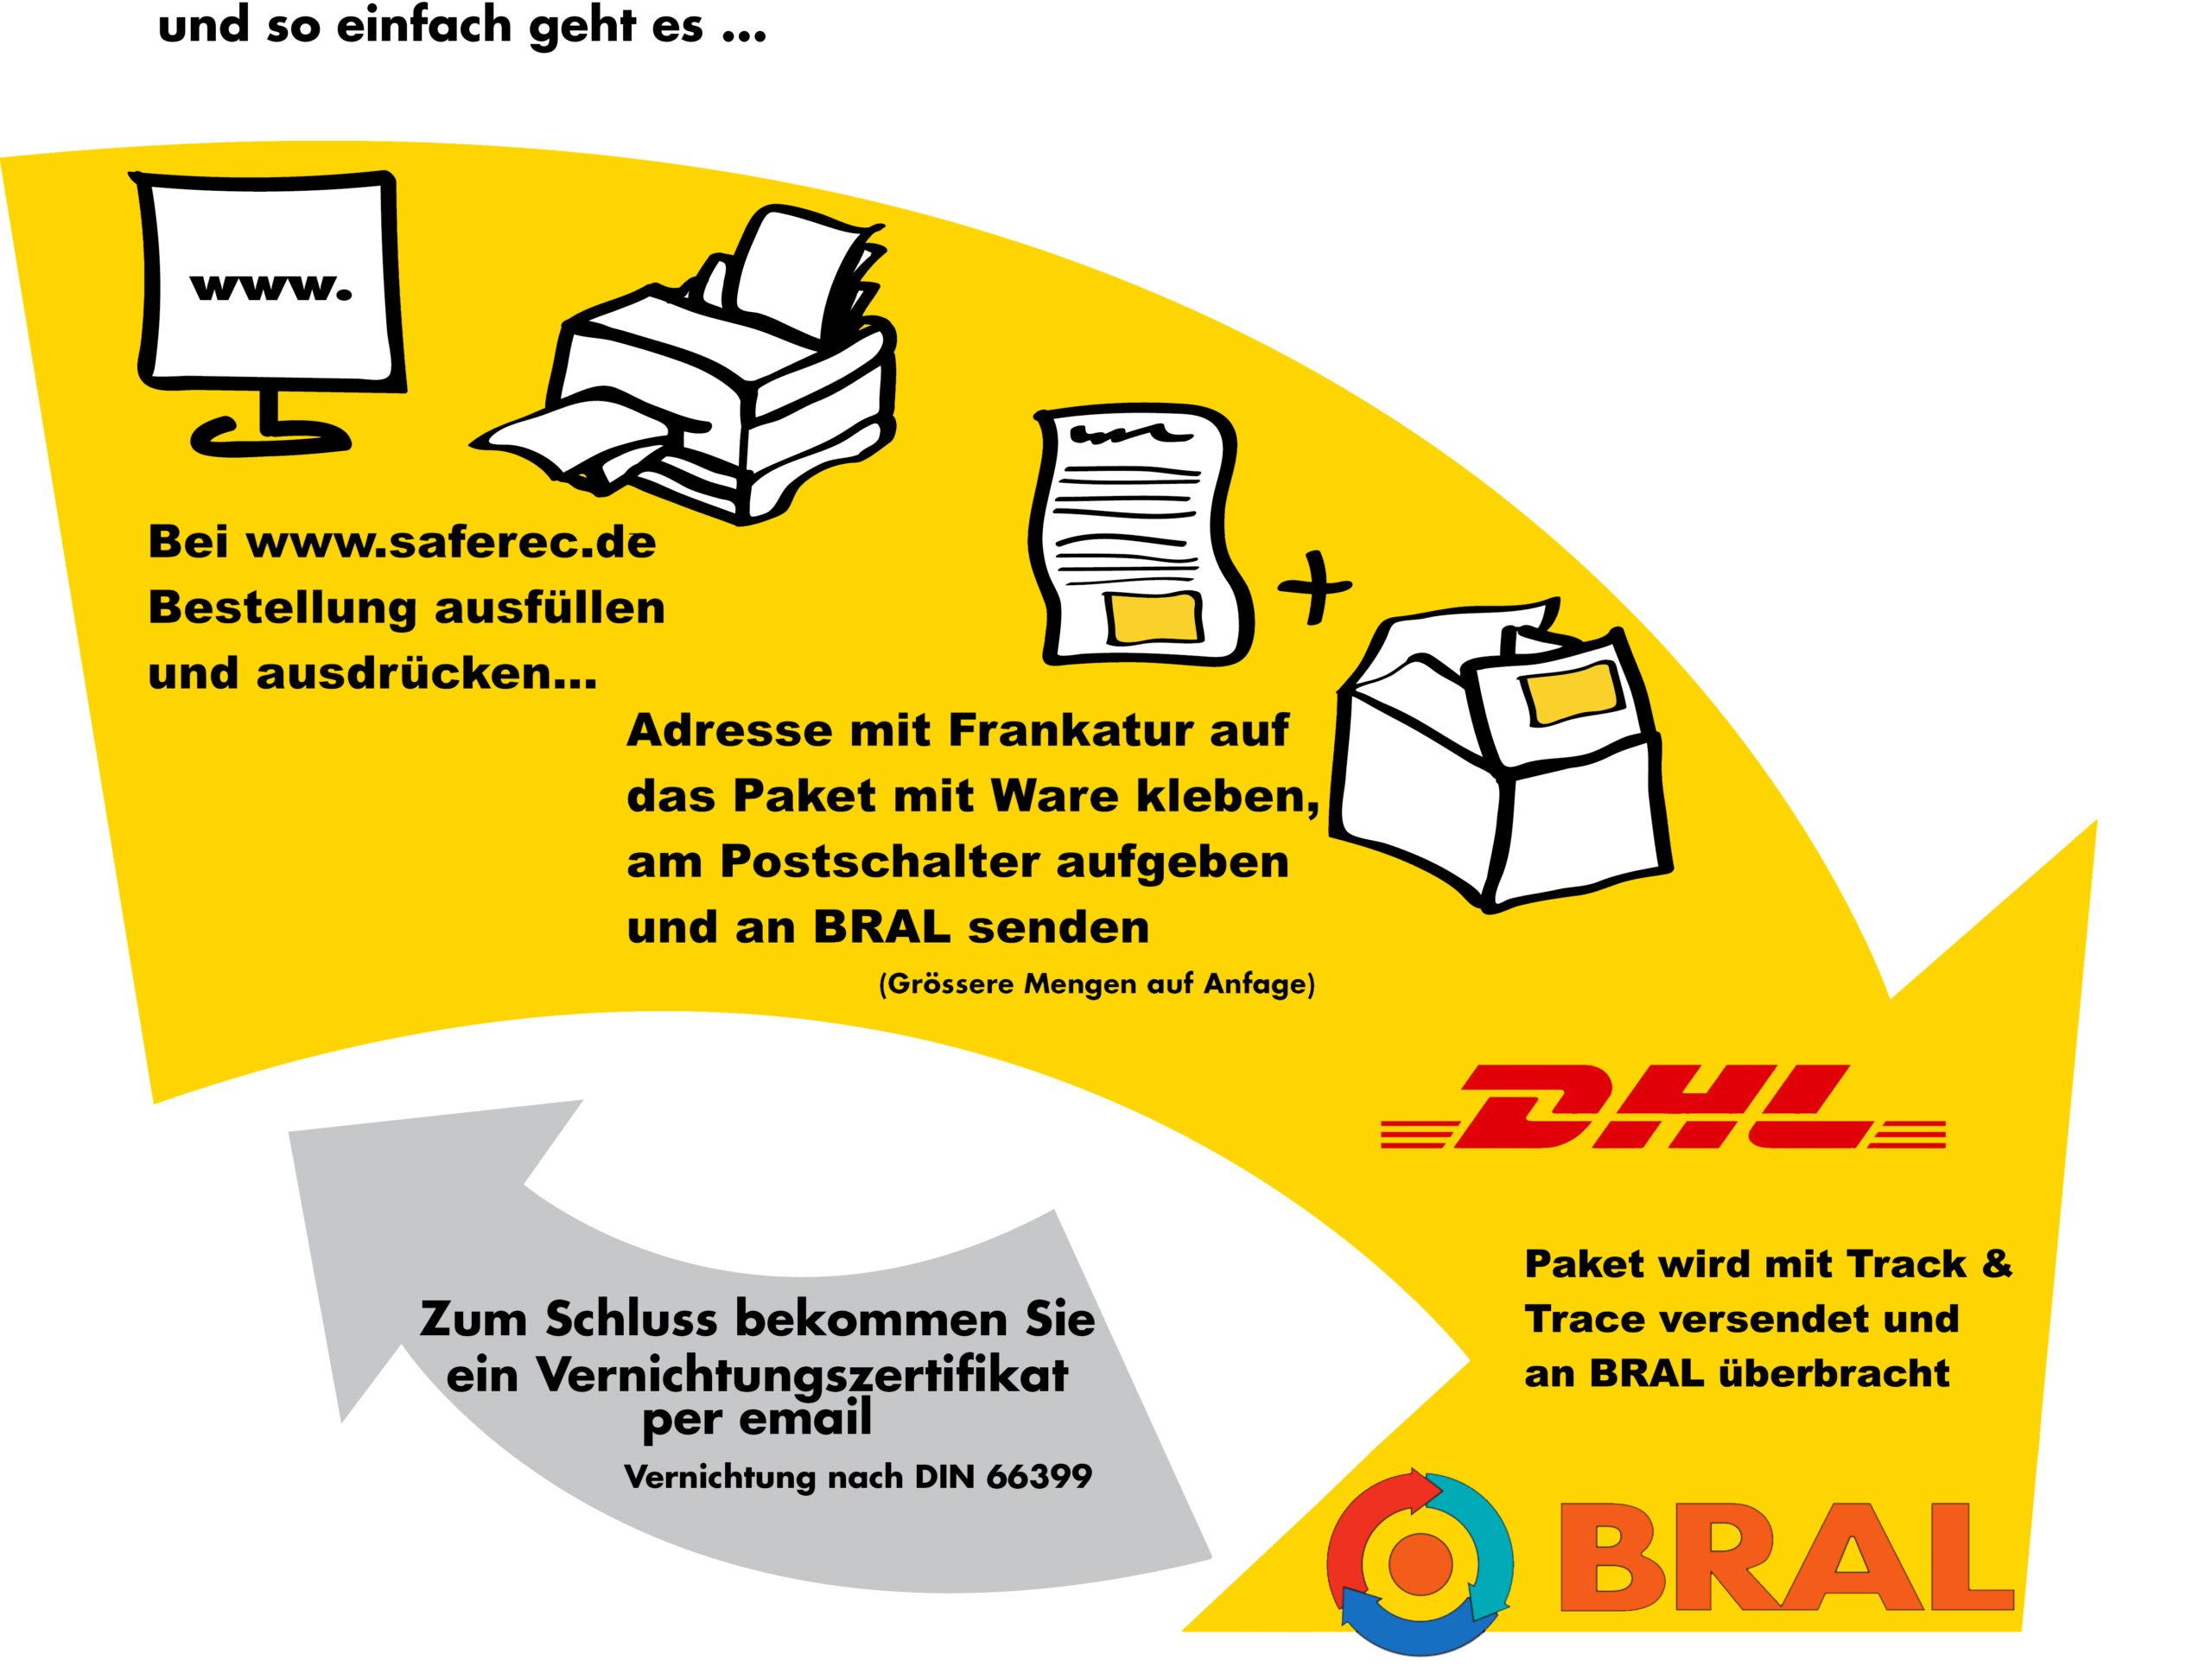 saferec - BRAL